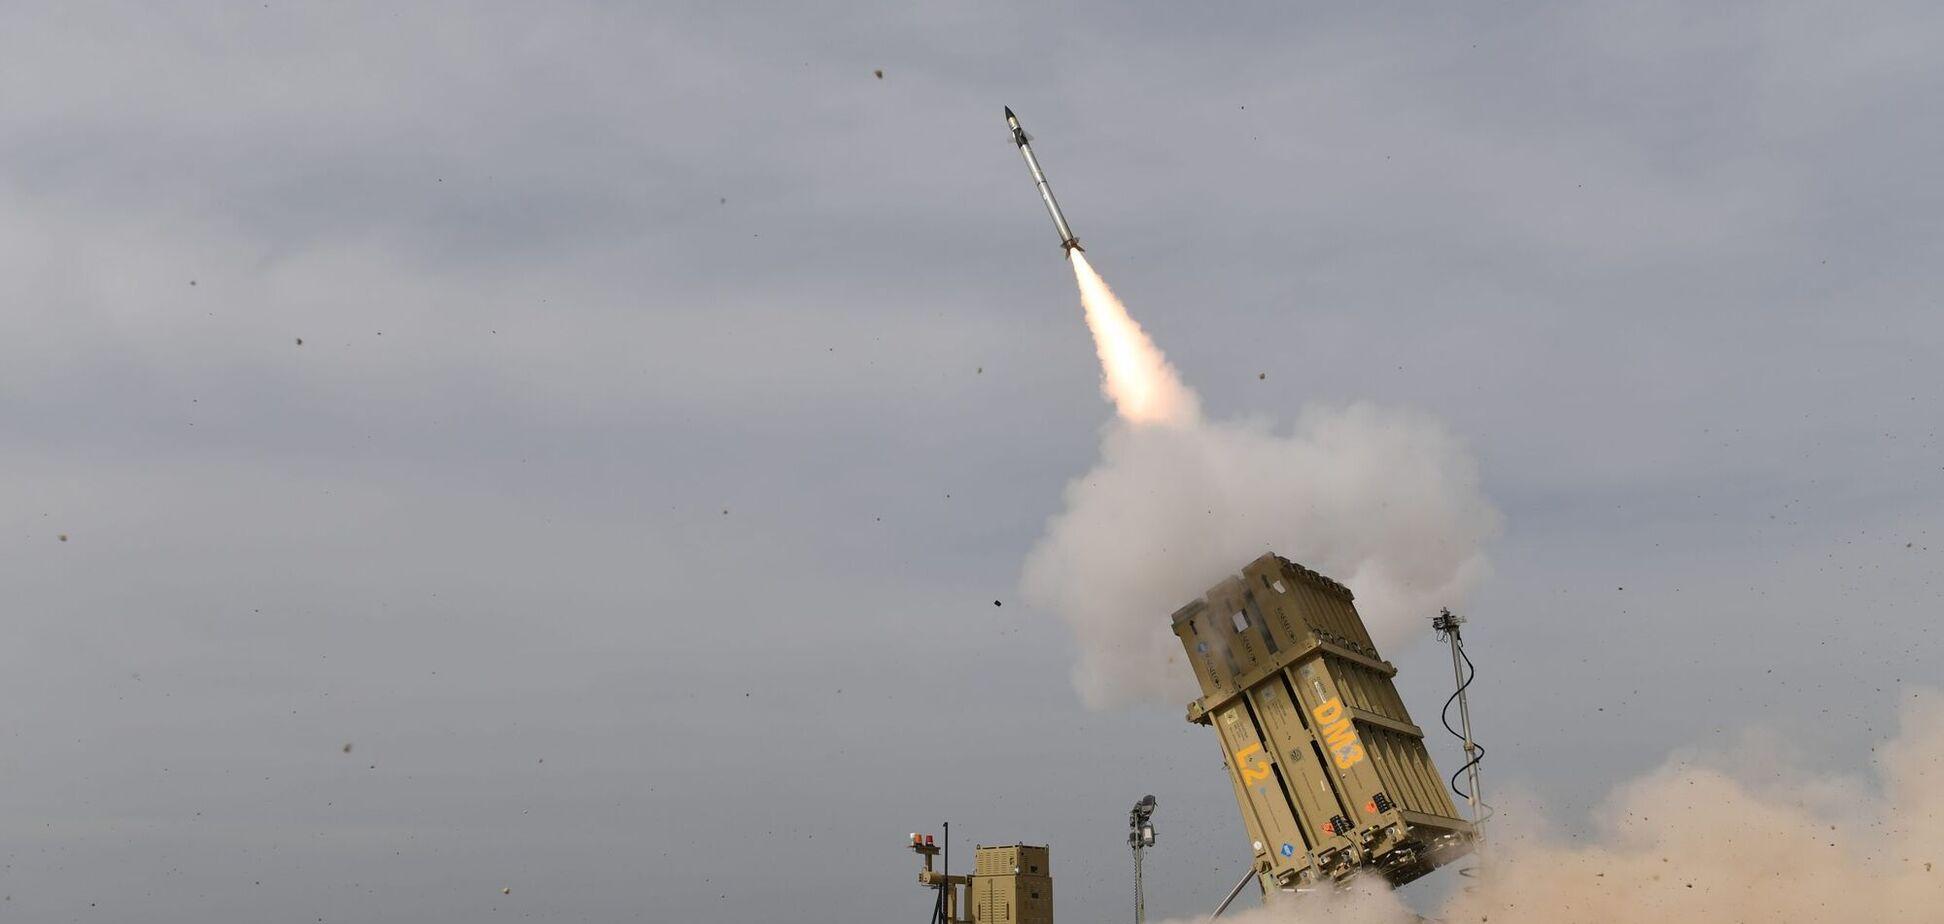 Випустили понад 200 ракет: ХАМАС обстріляв місто в Ізраїлі